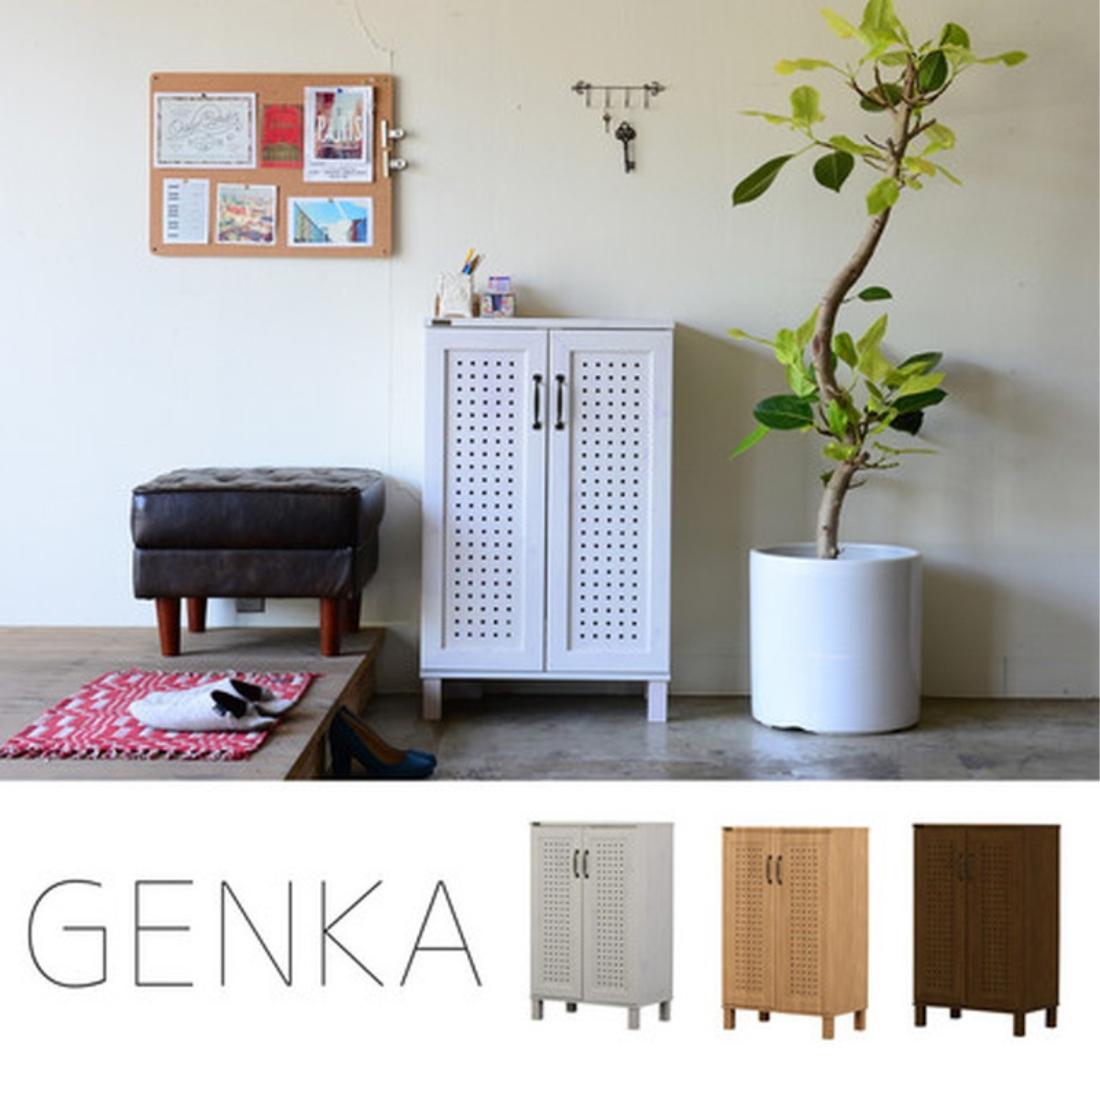 【送料無料】家具 玄関収納 下駄箱 GENKA(ジェンカ)シューズボックス(ロータイプ・60cm幅) オシャレ